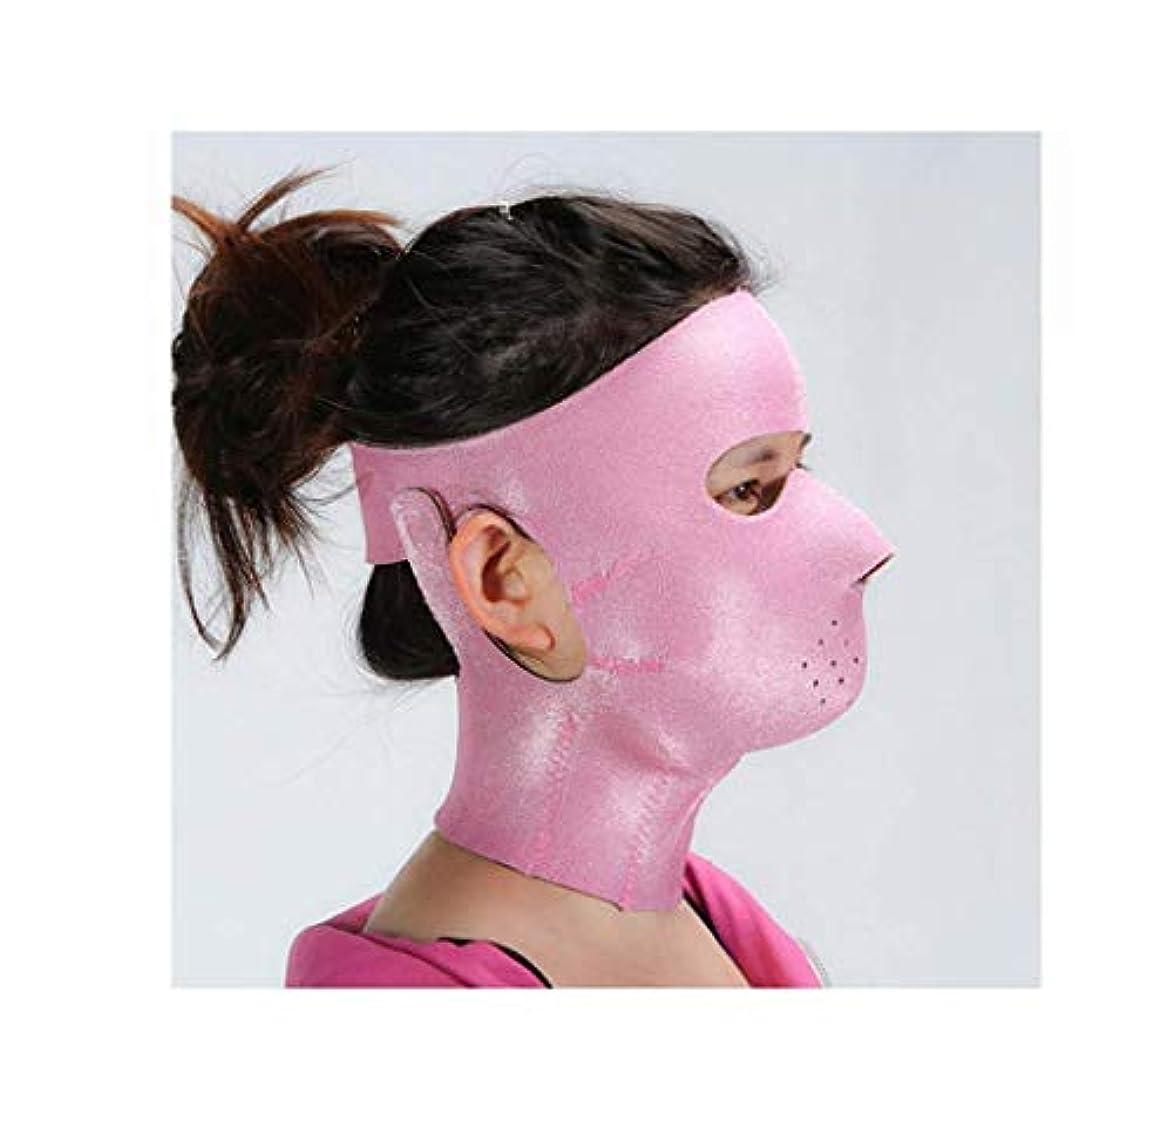 解決減少イタリアのフェイスリフトマスク、フェイシャルマスクプラス薄いフェイスマスクタイトなたるみの薄いフェイスマスクフェイシャル薄いフェイスマスクアーティファクトビューティーネックストラップ付き